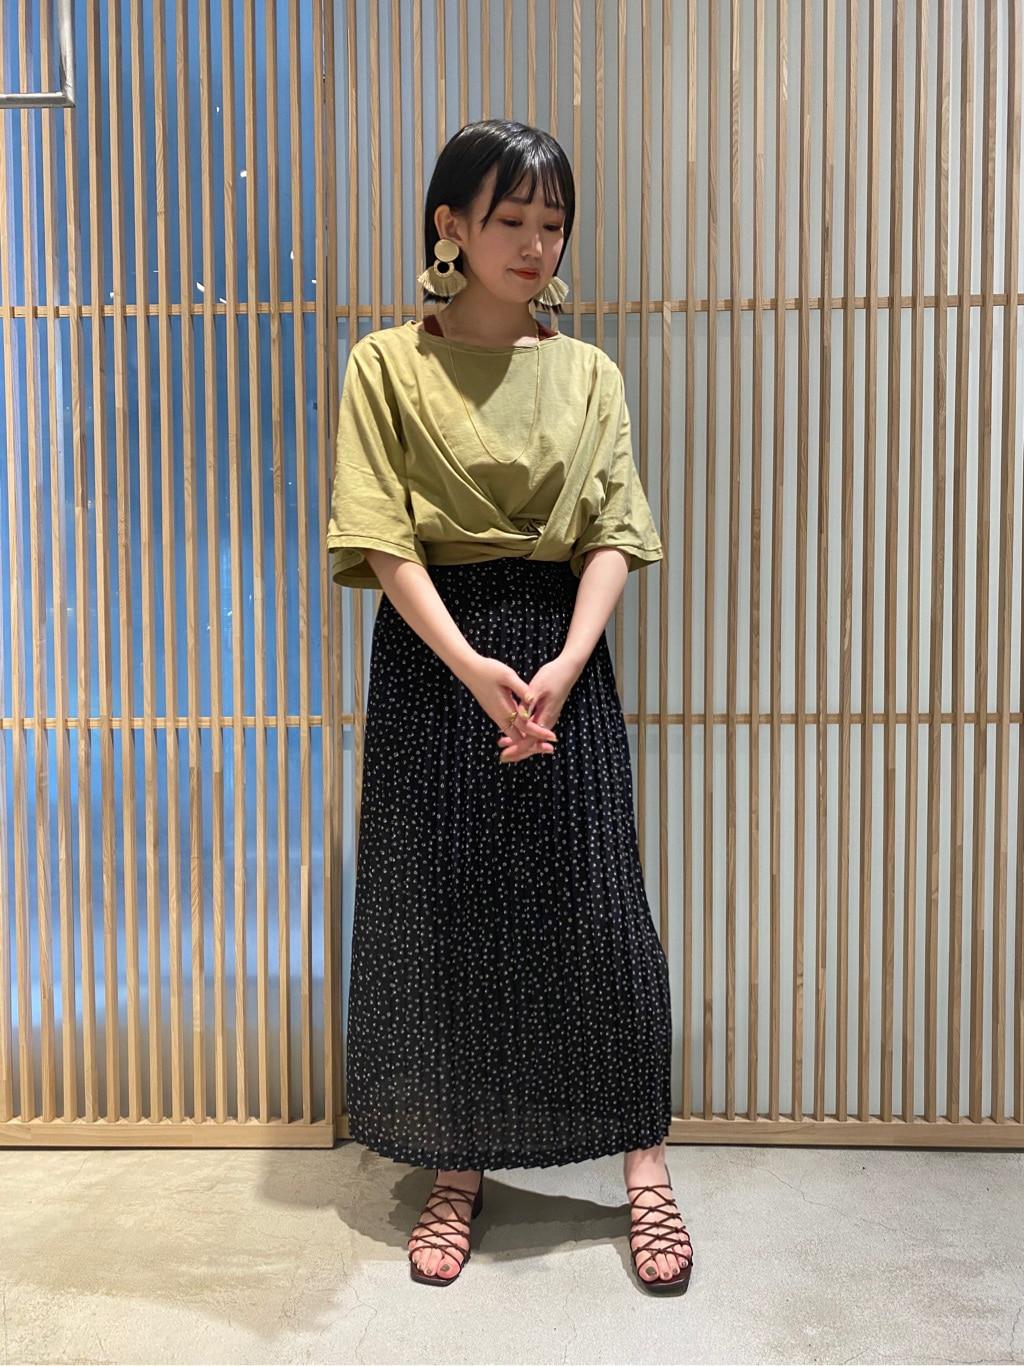 ルクア大阪 2020.07.23